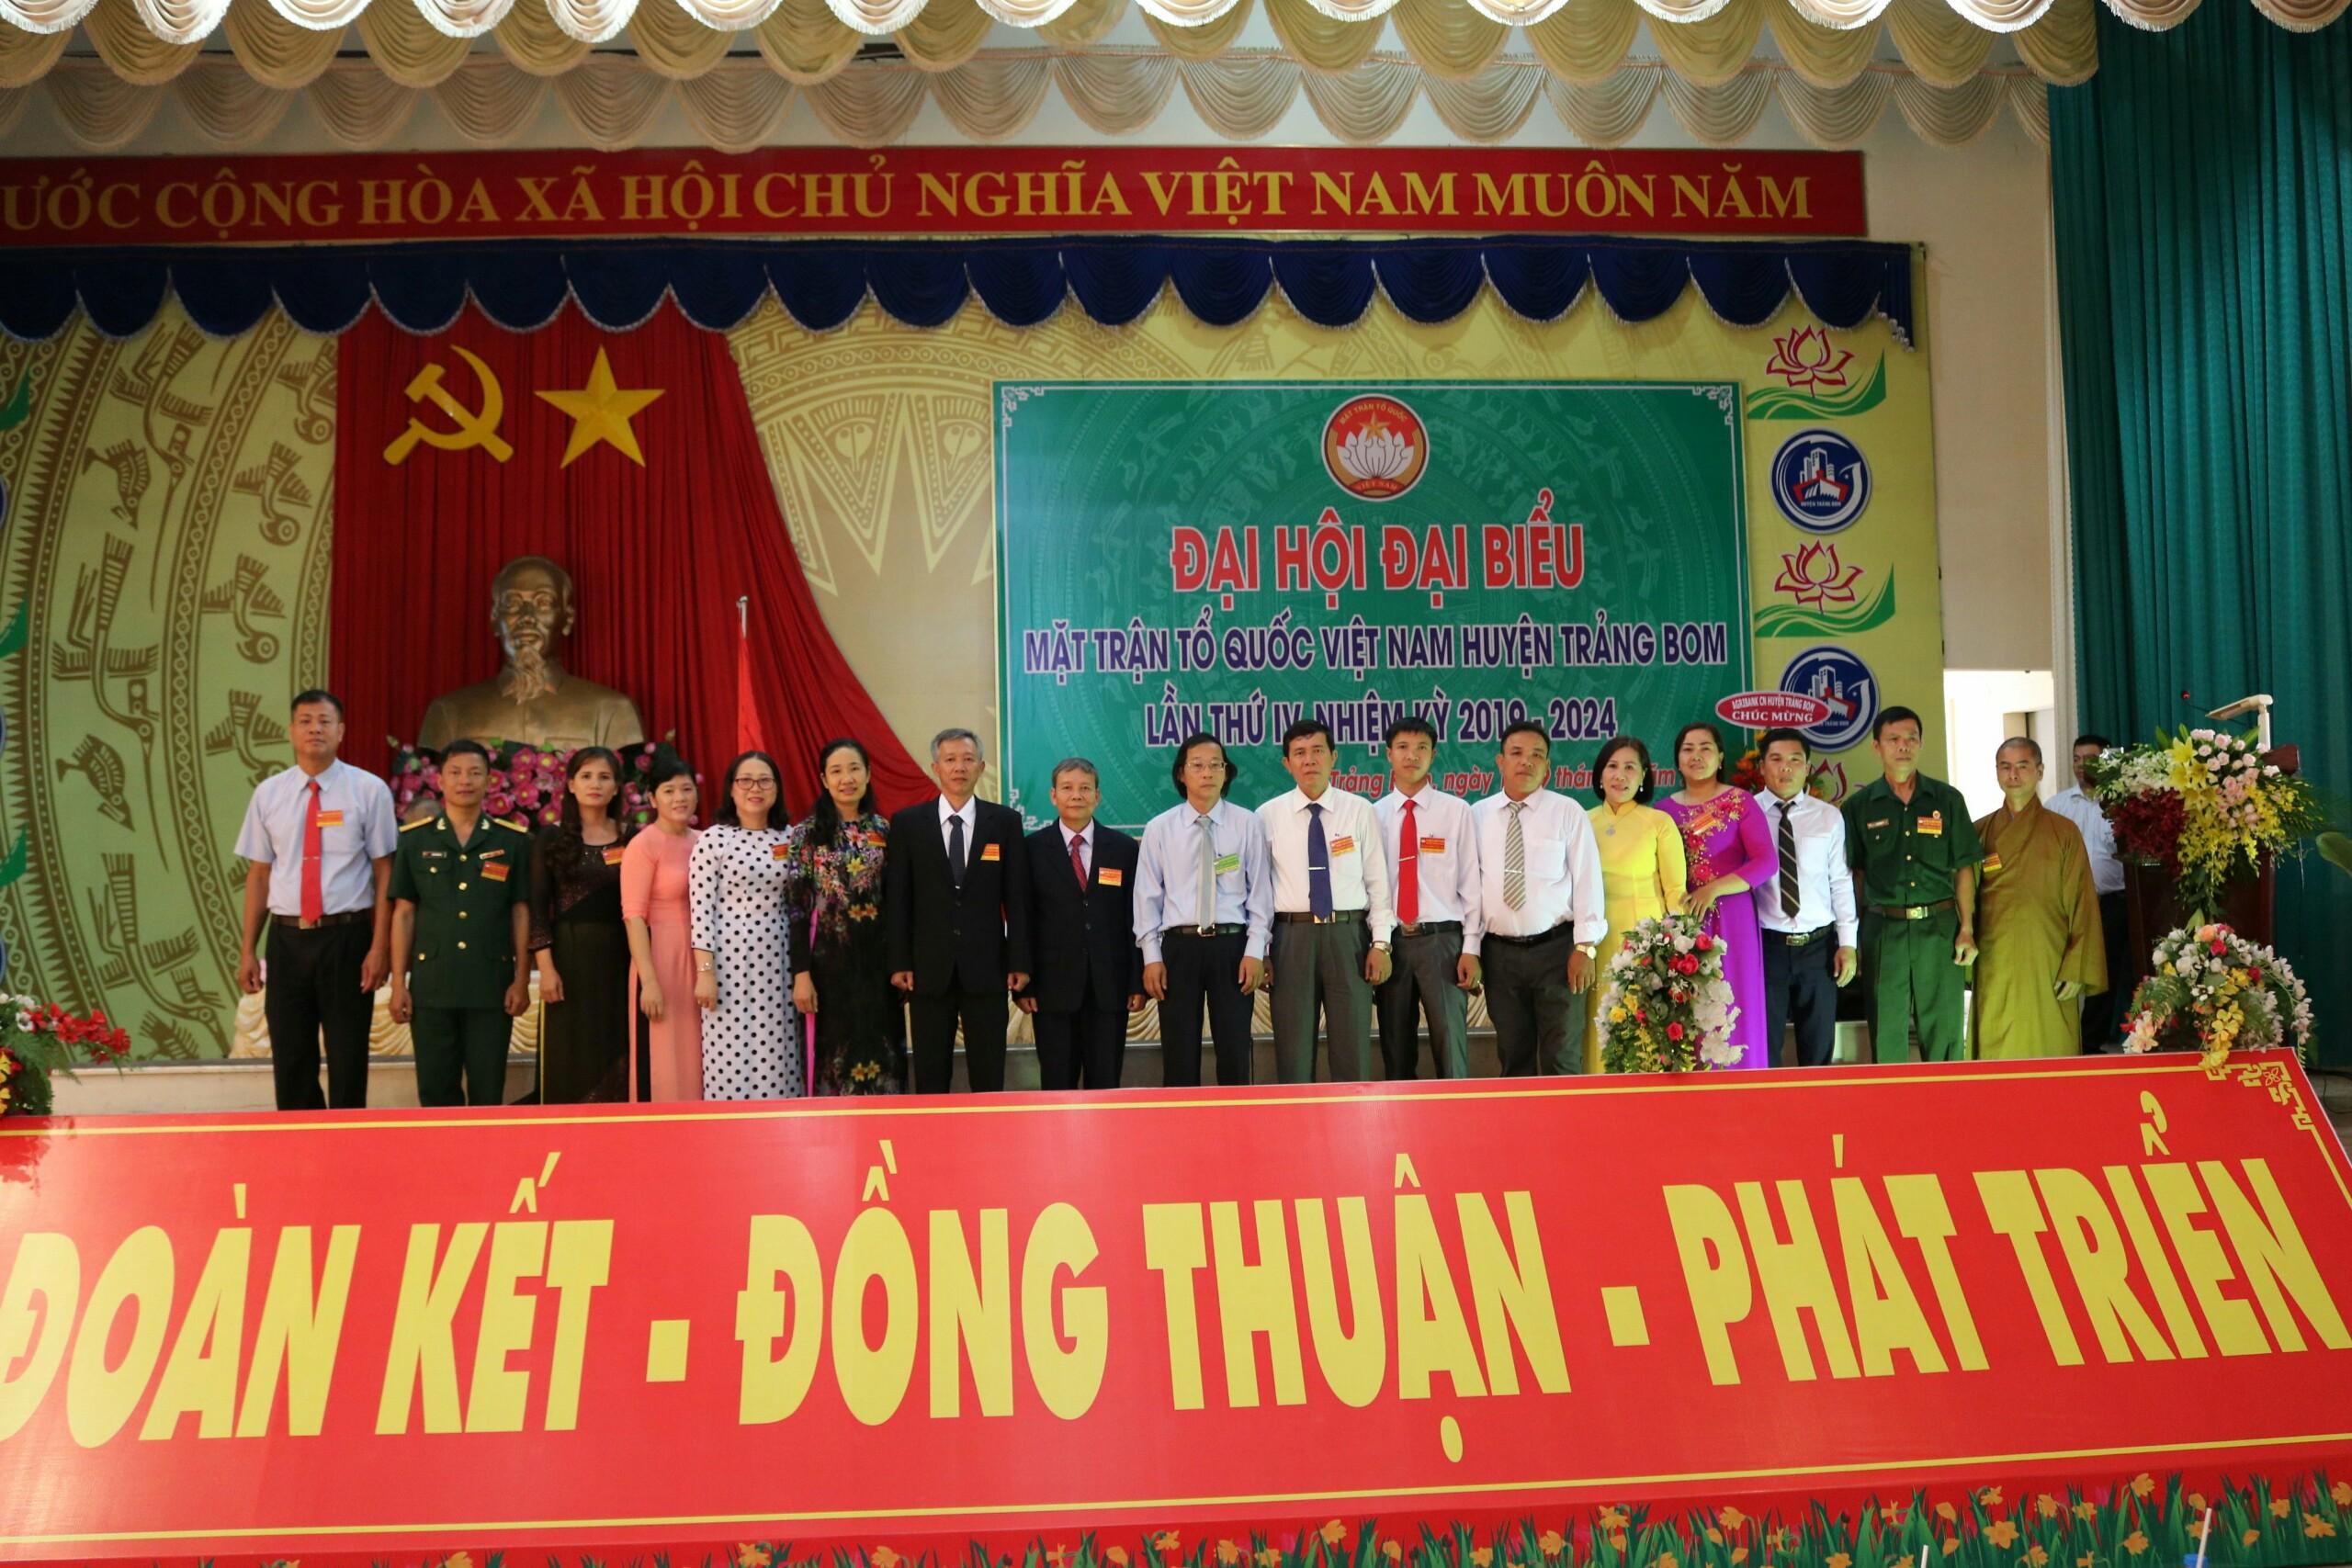 Ngày làm việc thứ nhất đại hội đại biểu Mặt trận Tổ quốc Việt Nam huyện Trảng Bom lần thứ IV, nhiệm ...